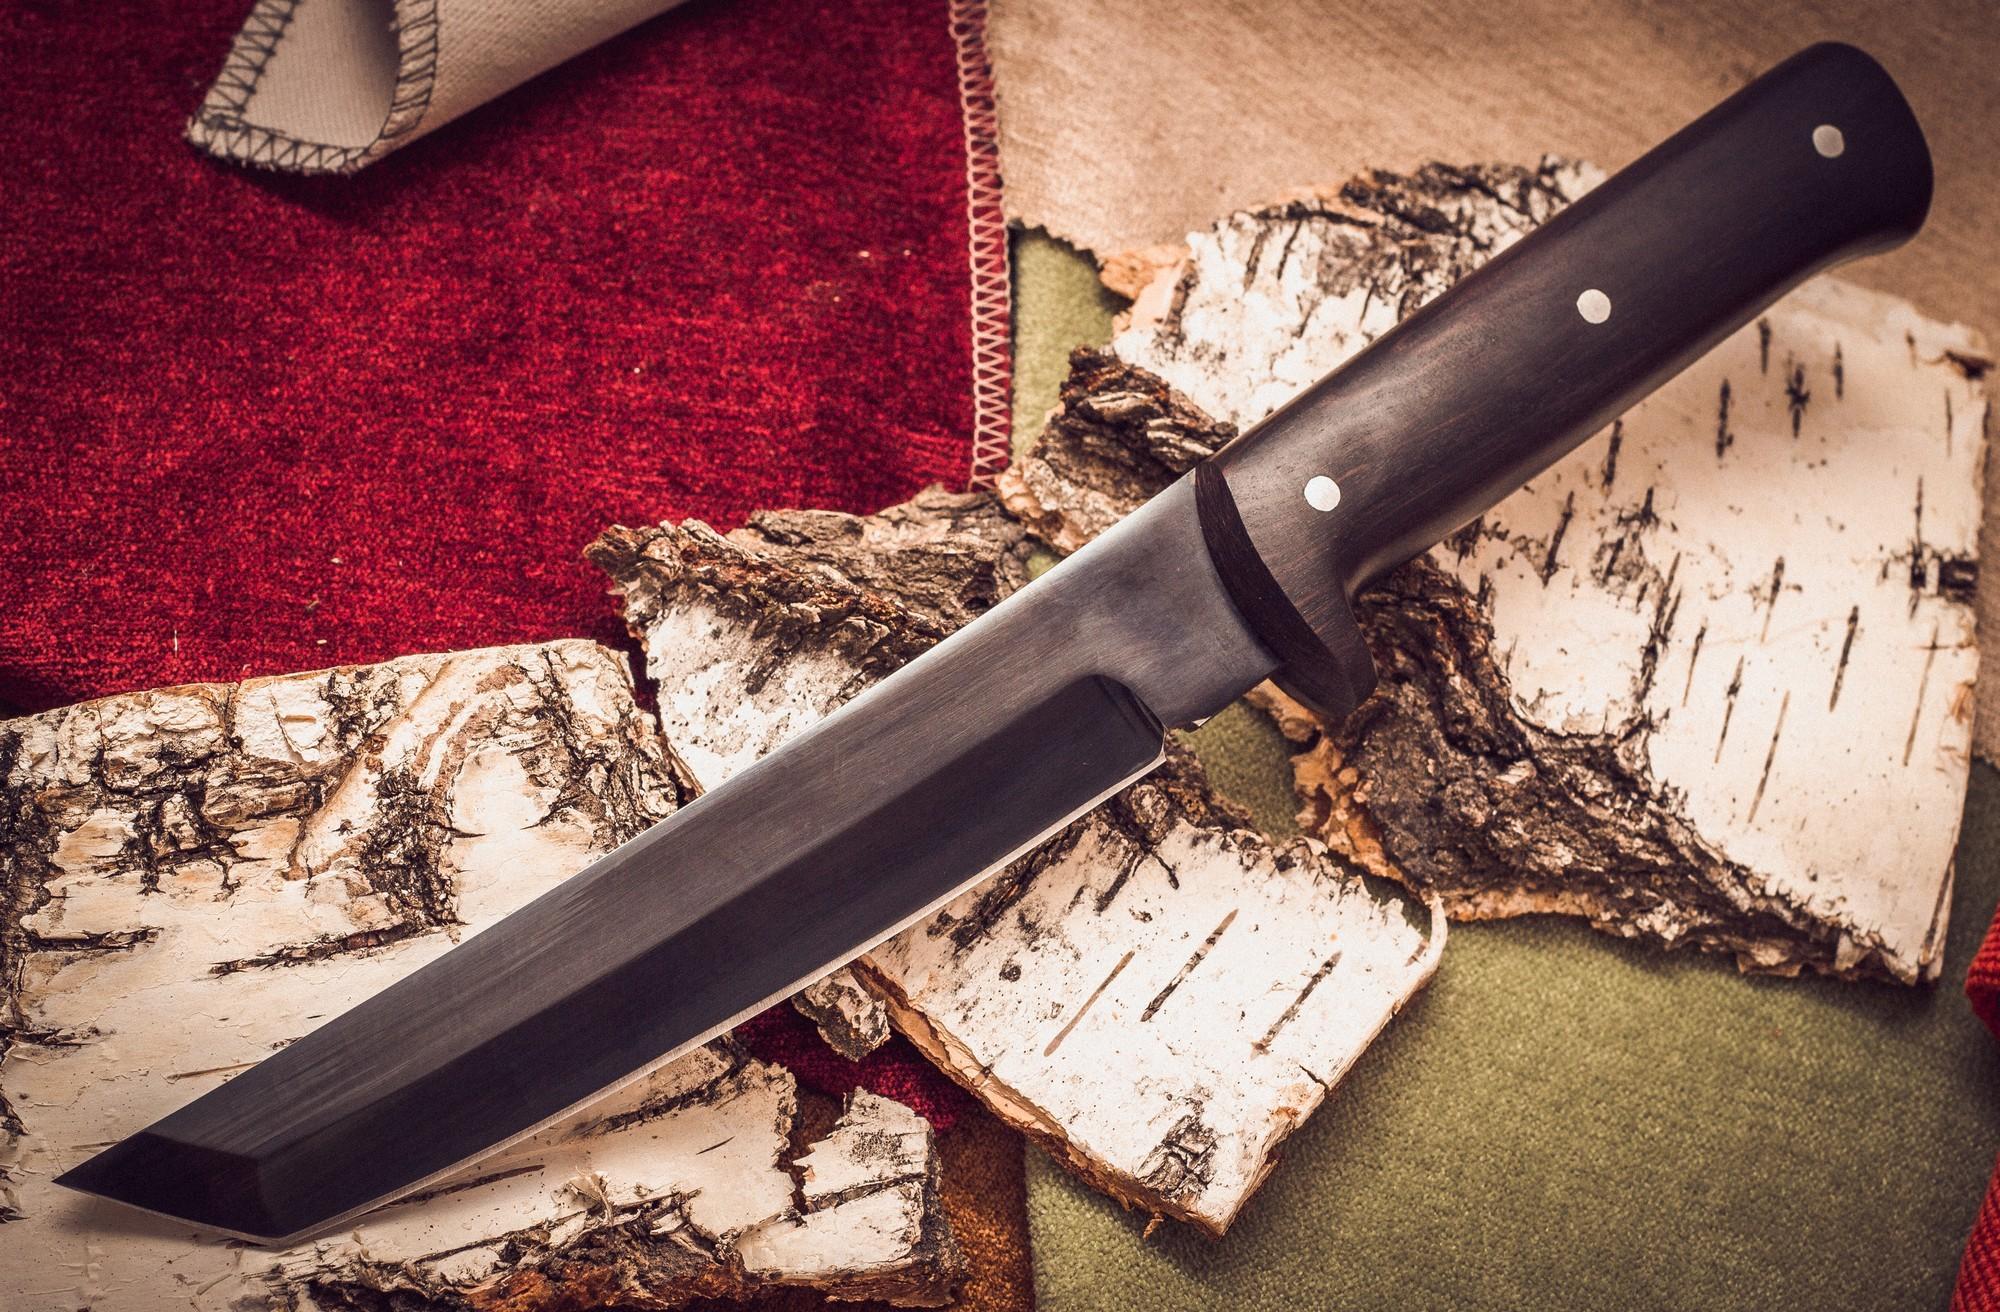 Нож Металлист Тантоид MT-12, черный граб, сталь 65ГМеталлист<br>Коллекционный нож Металлист Тантоид, сталь 65Г с рукояткой из граба создан по образцу традиционных японских клинков. Функциональное плоское лезвие для реза и рубки и крепкий толстый кончик находят двойное применение и в современном доме.<br>Режущие свойства помогут справиться с обычной поварской работой, а негнущееся острие пригодится для пробивания отверстий, отгибания жестких металлических поверхностей, резки бумаги или картона.<br>Стильный восточный танто-нож укомплектован кожаными ножнами и легко поддается повторной заточке.<br>